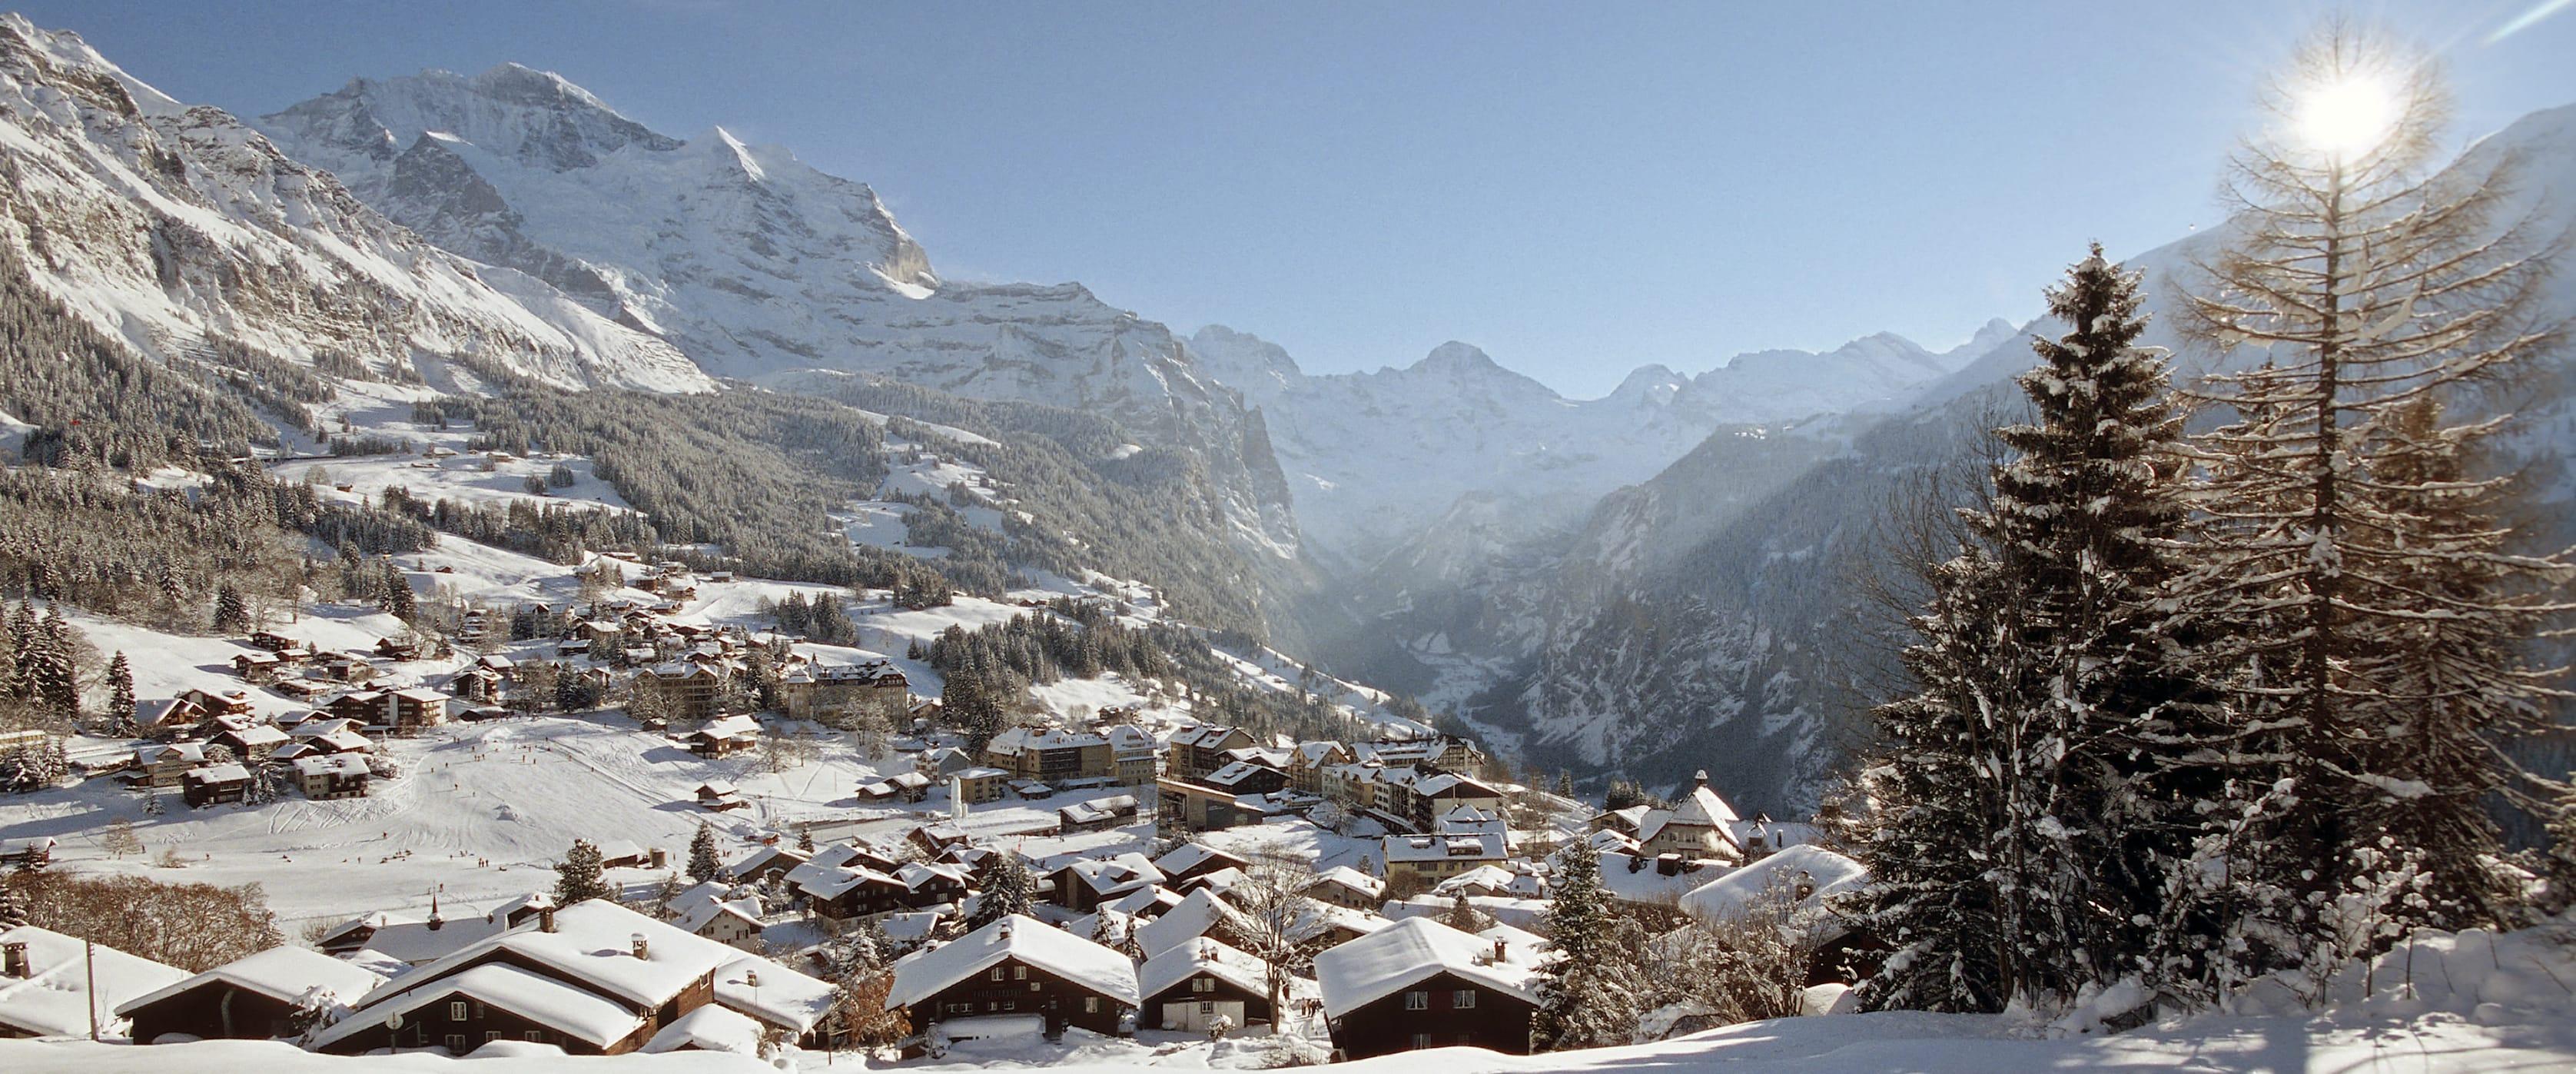 Wengen Winter Schnee Alpen Lauterbrunnental